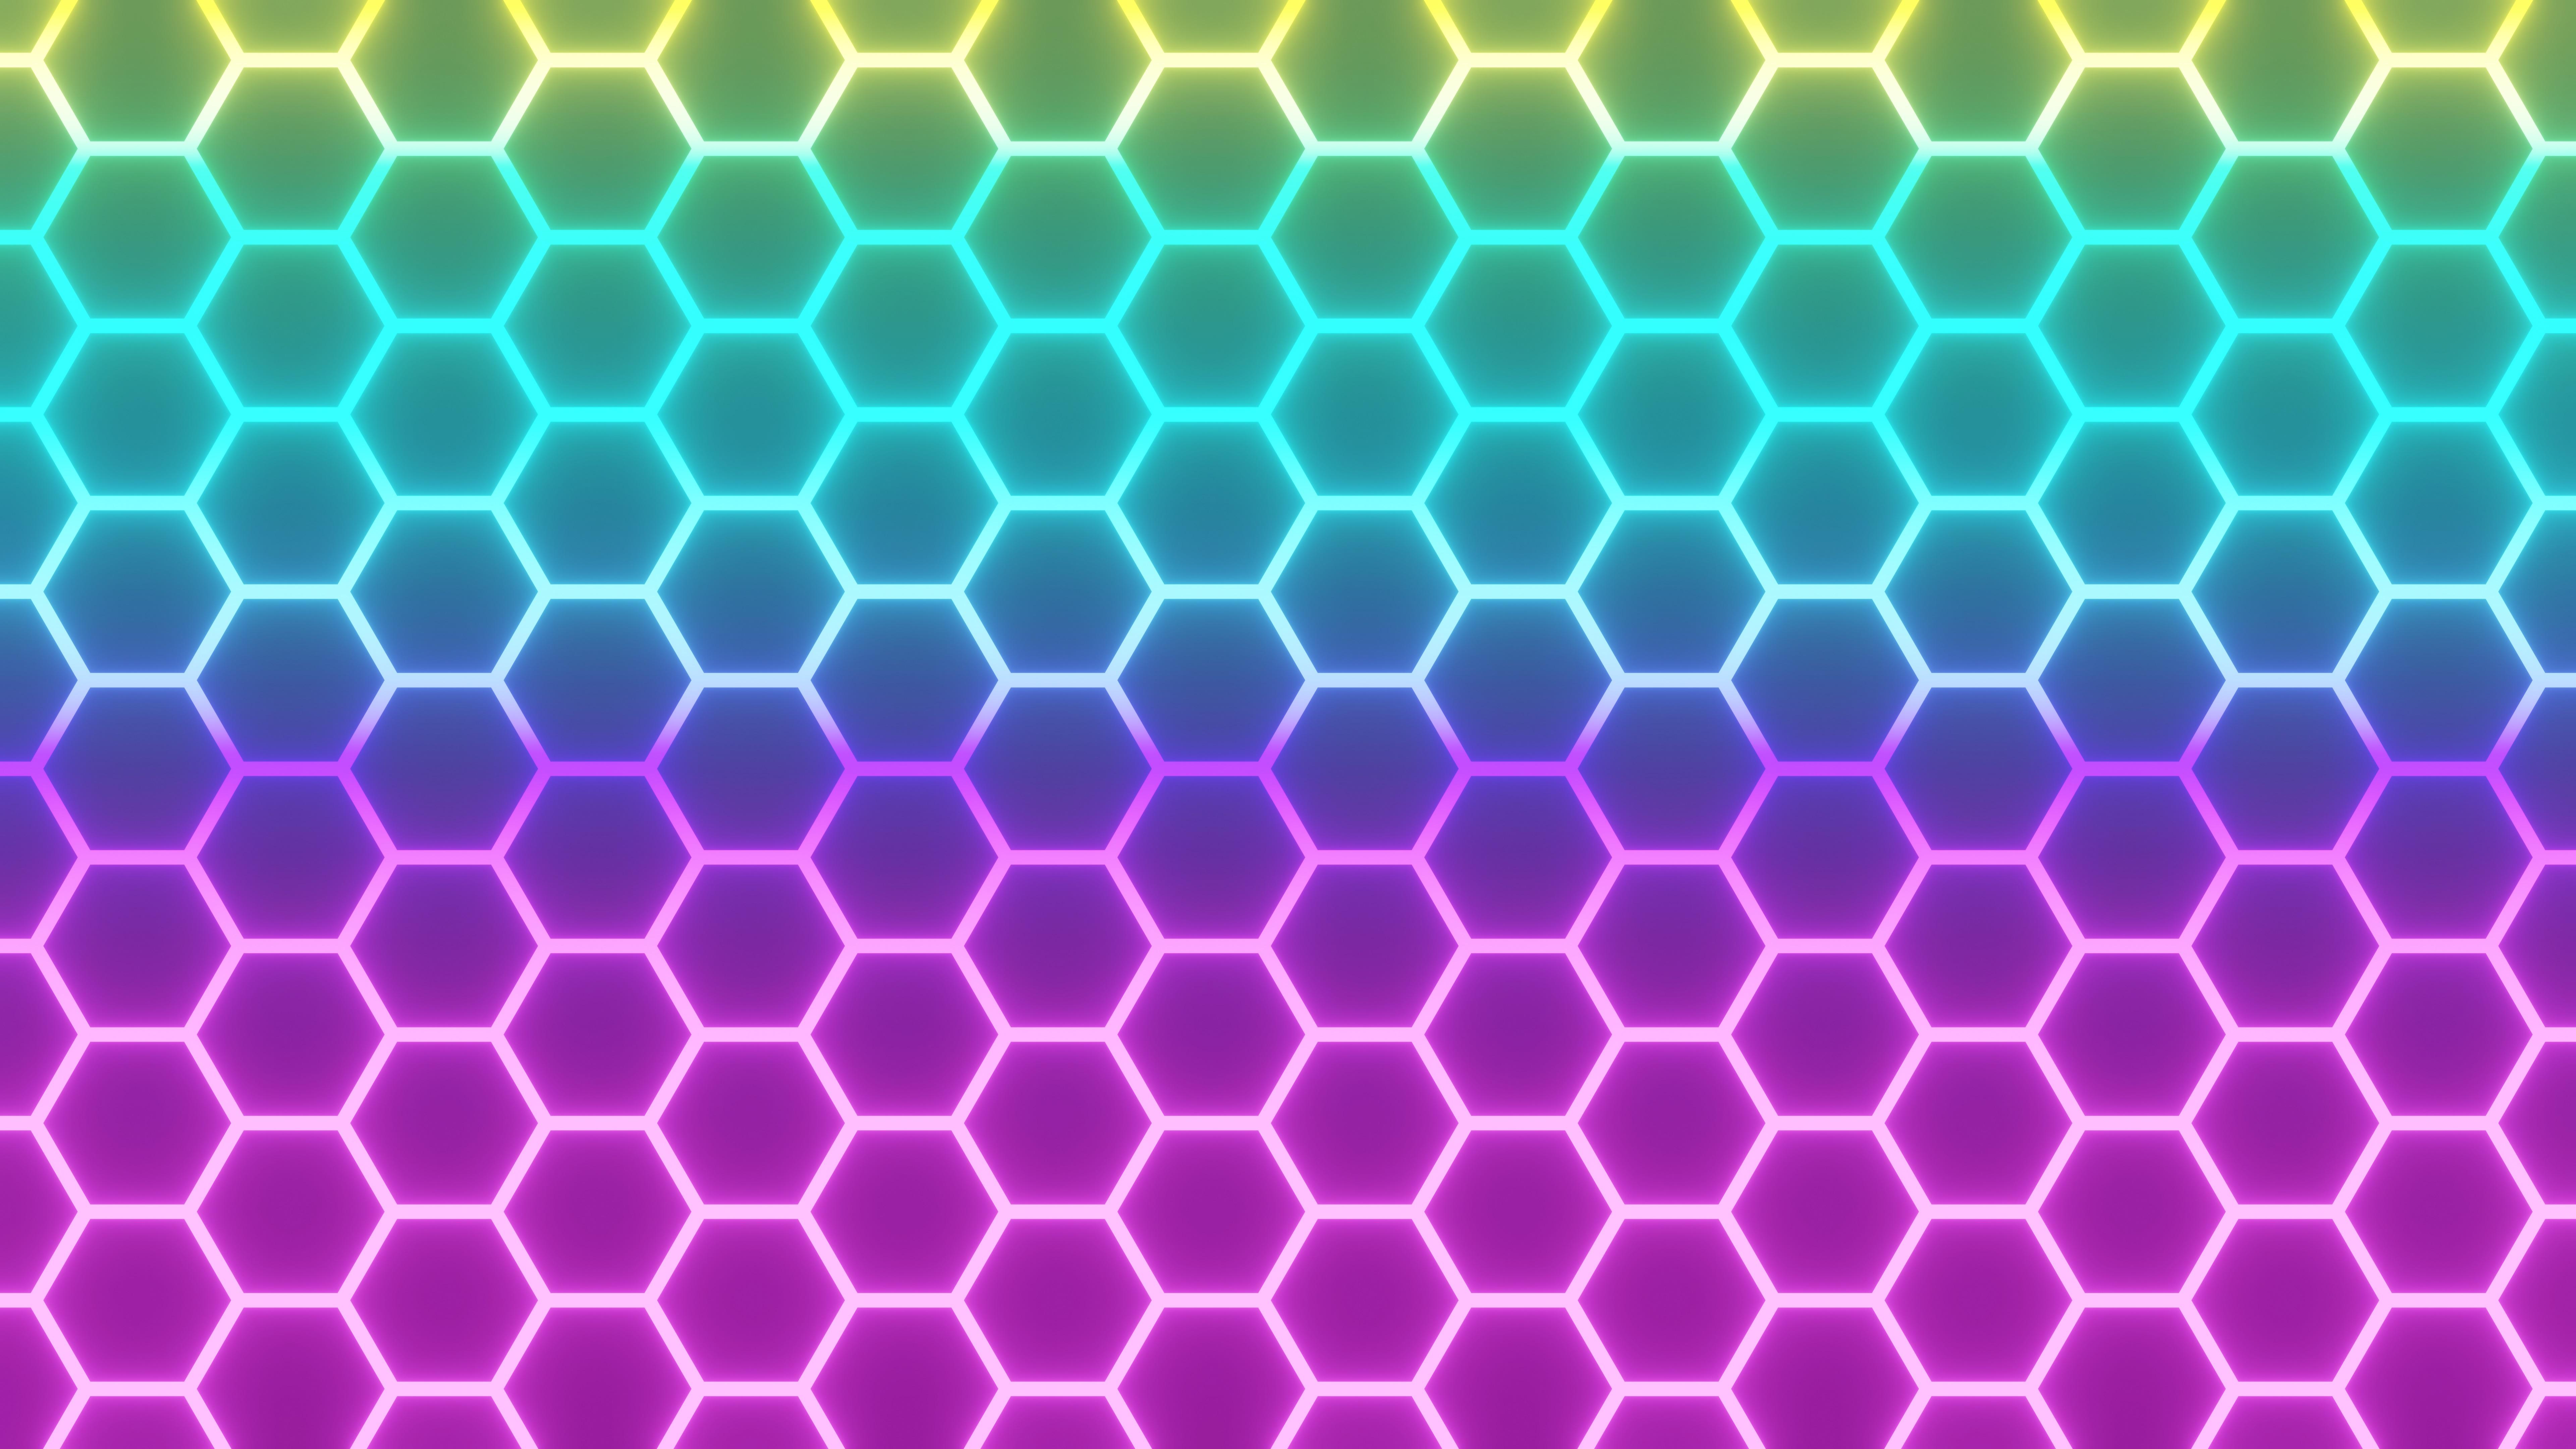 Neon hexagons wallpaper